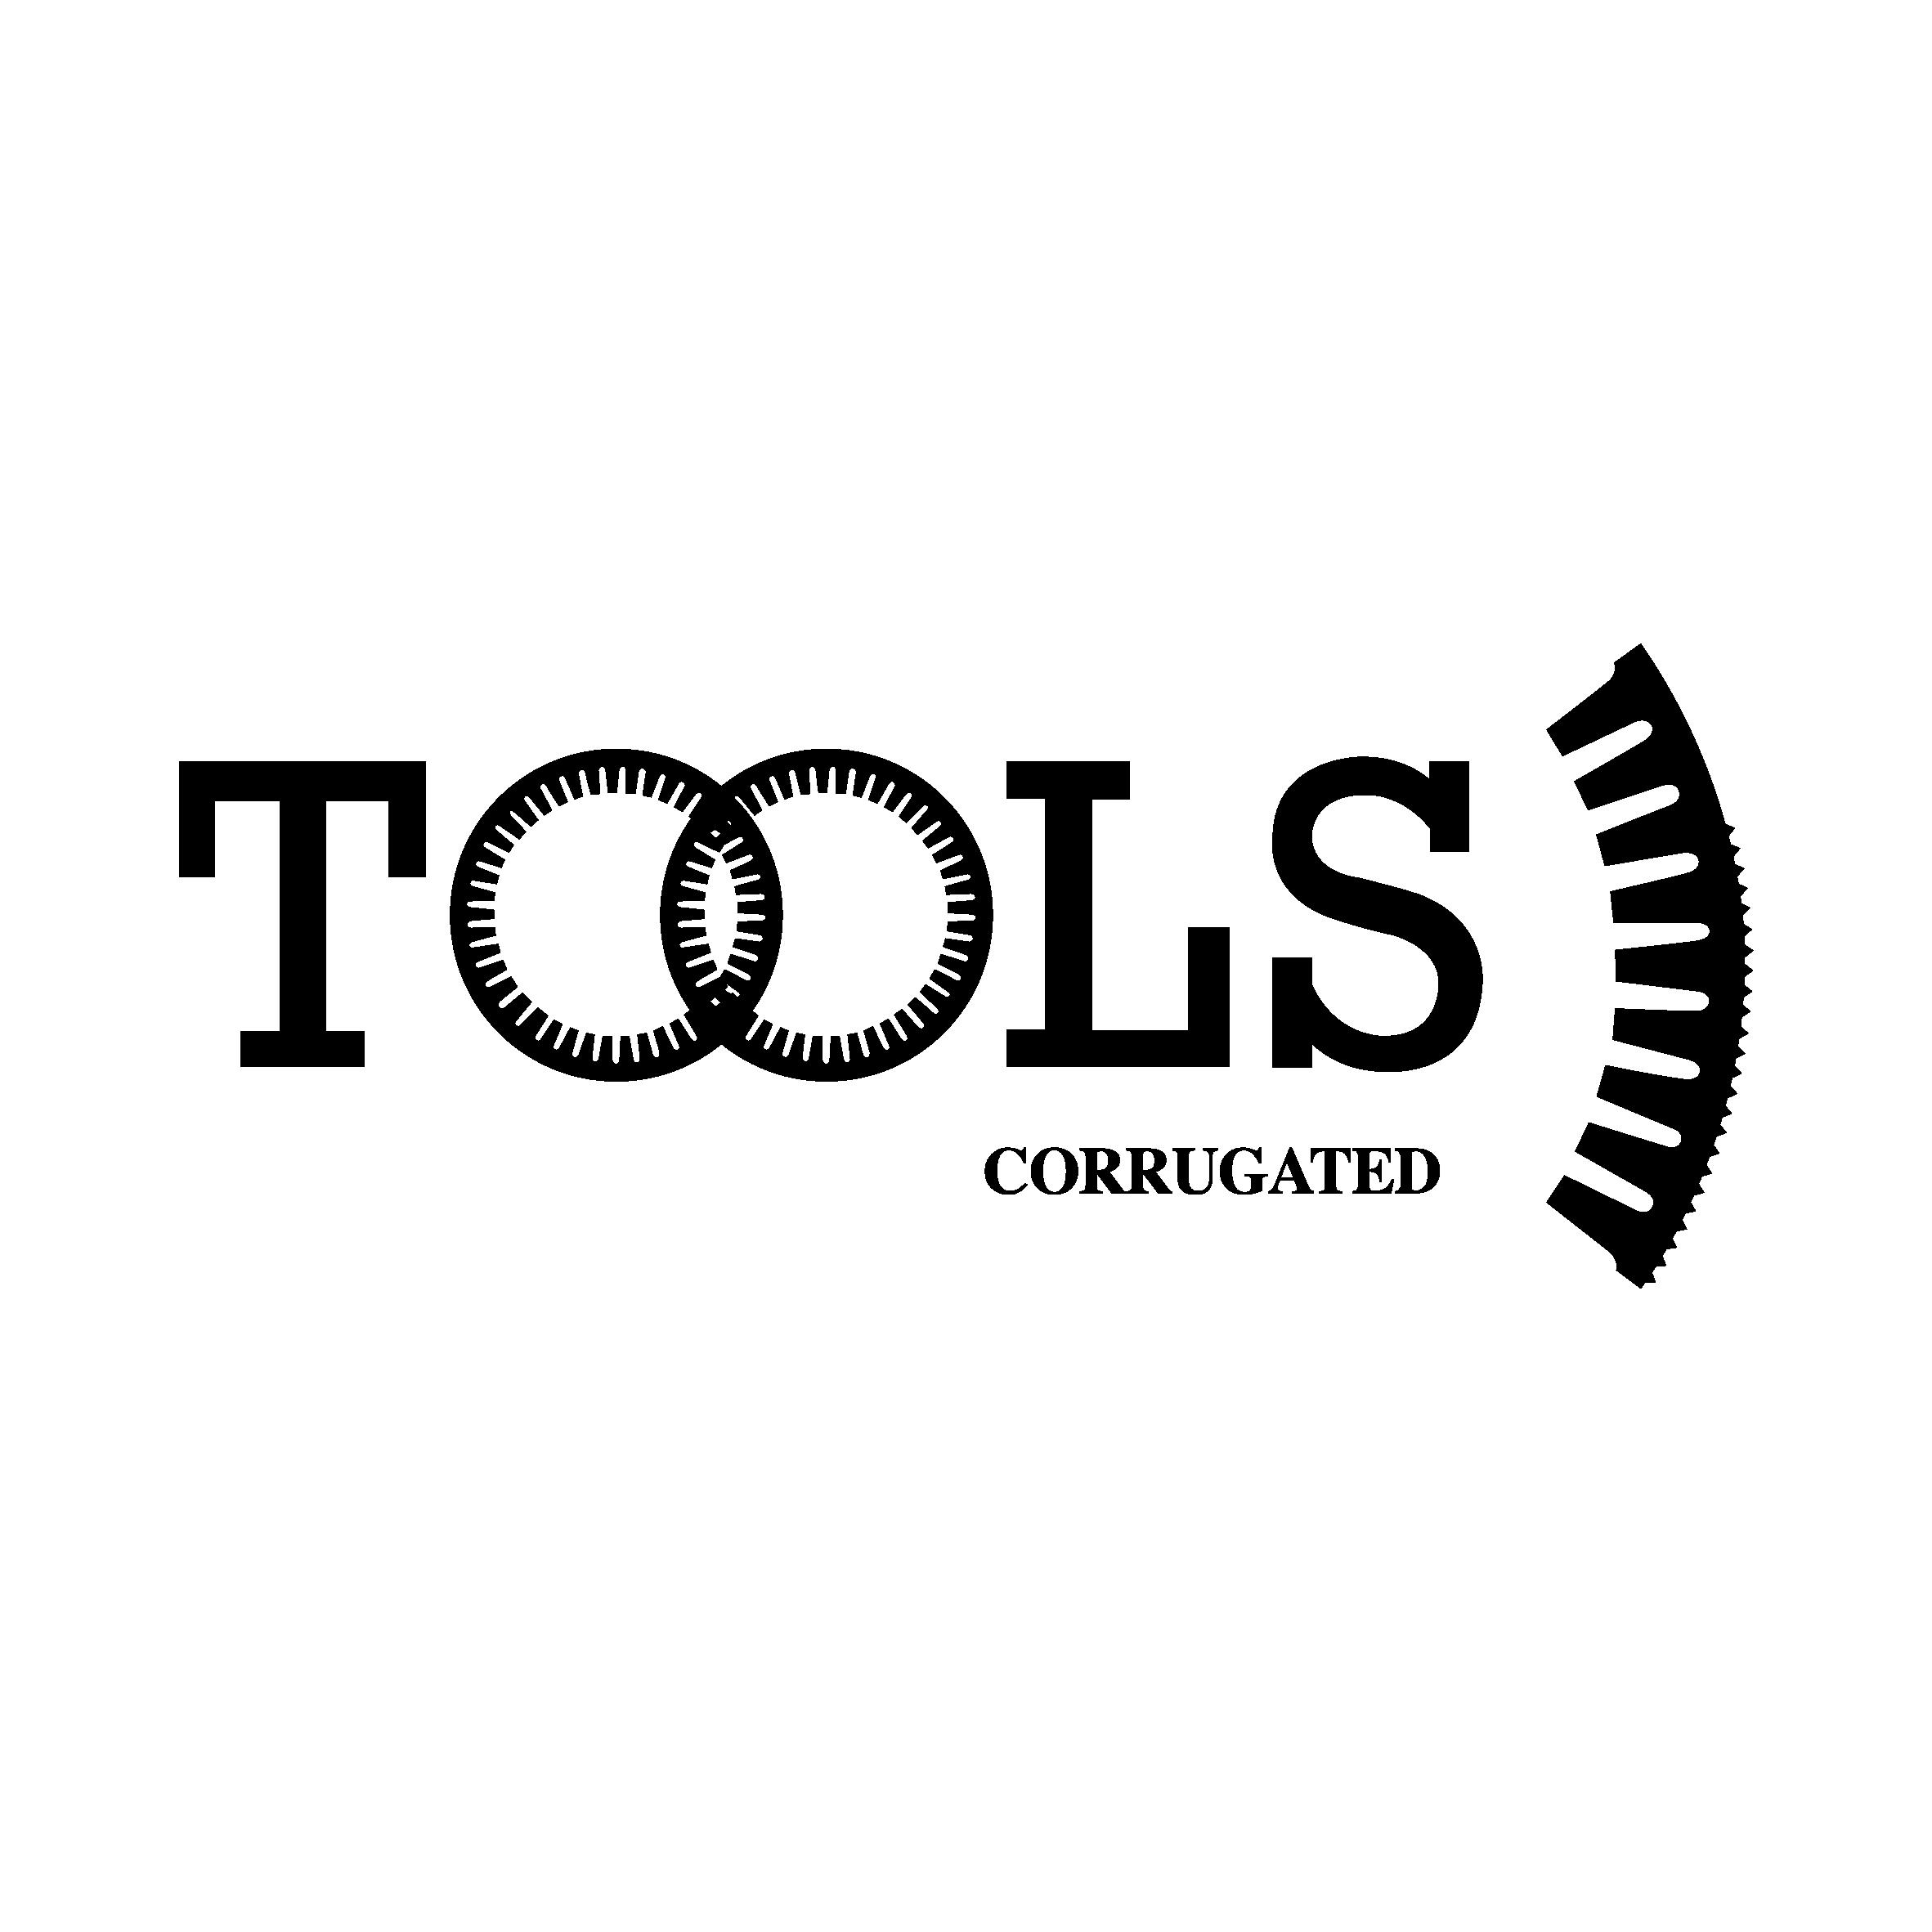 logos bn_Mesa de trabajo 1 copia 3